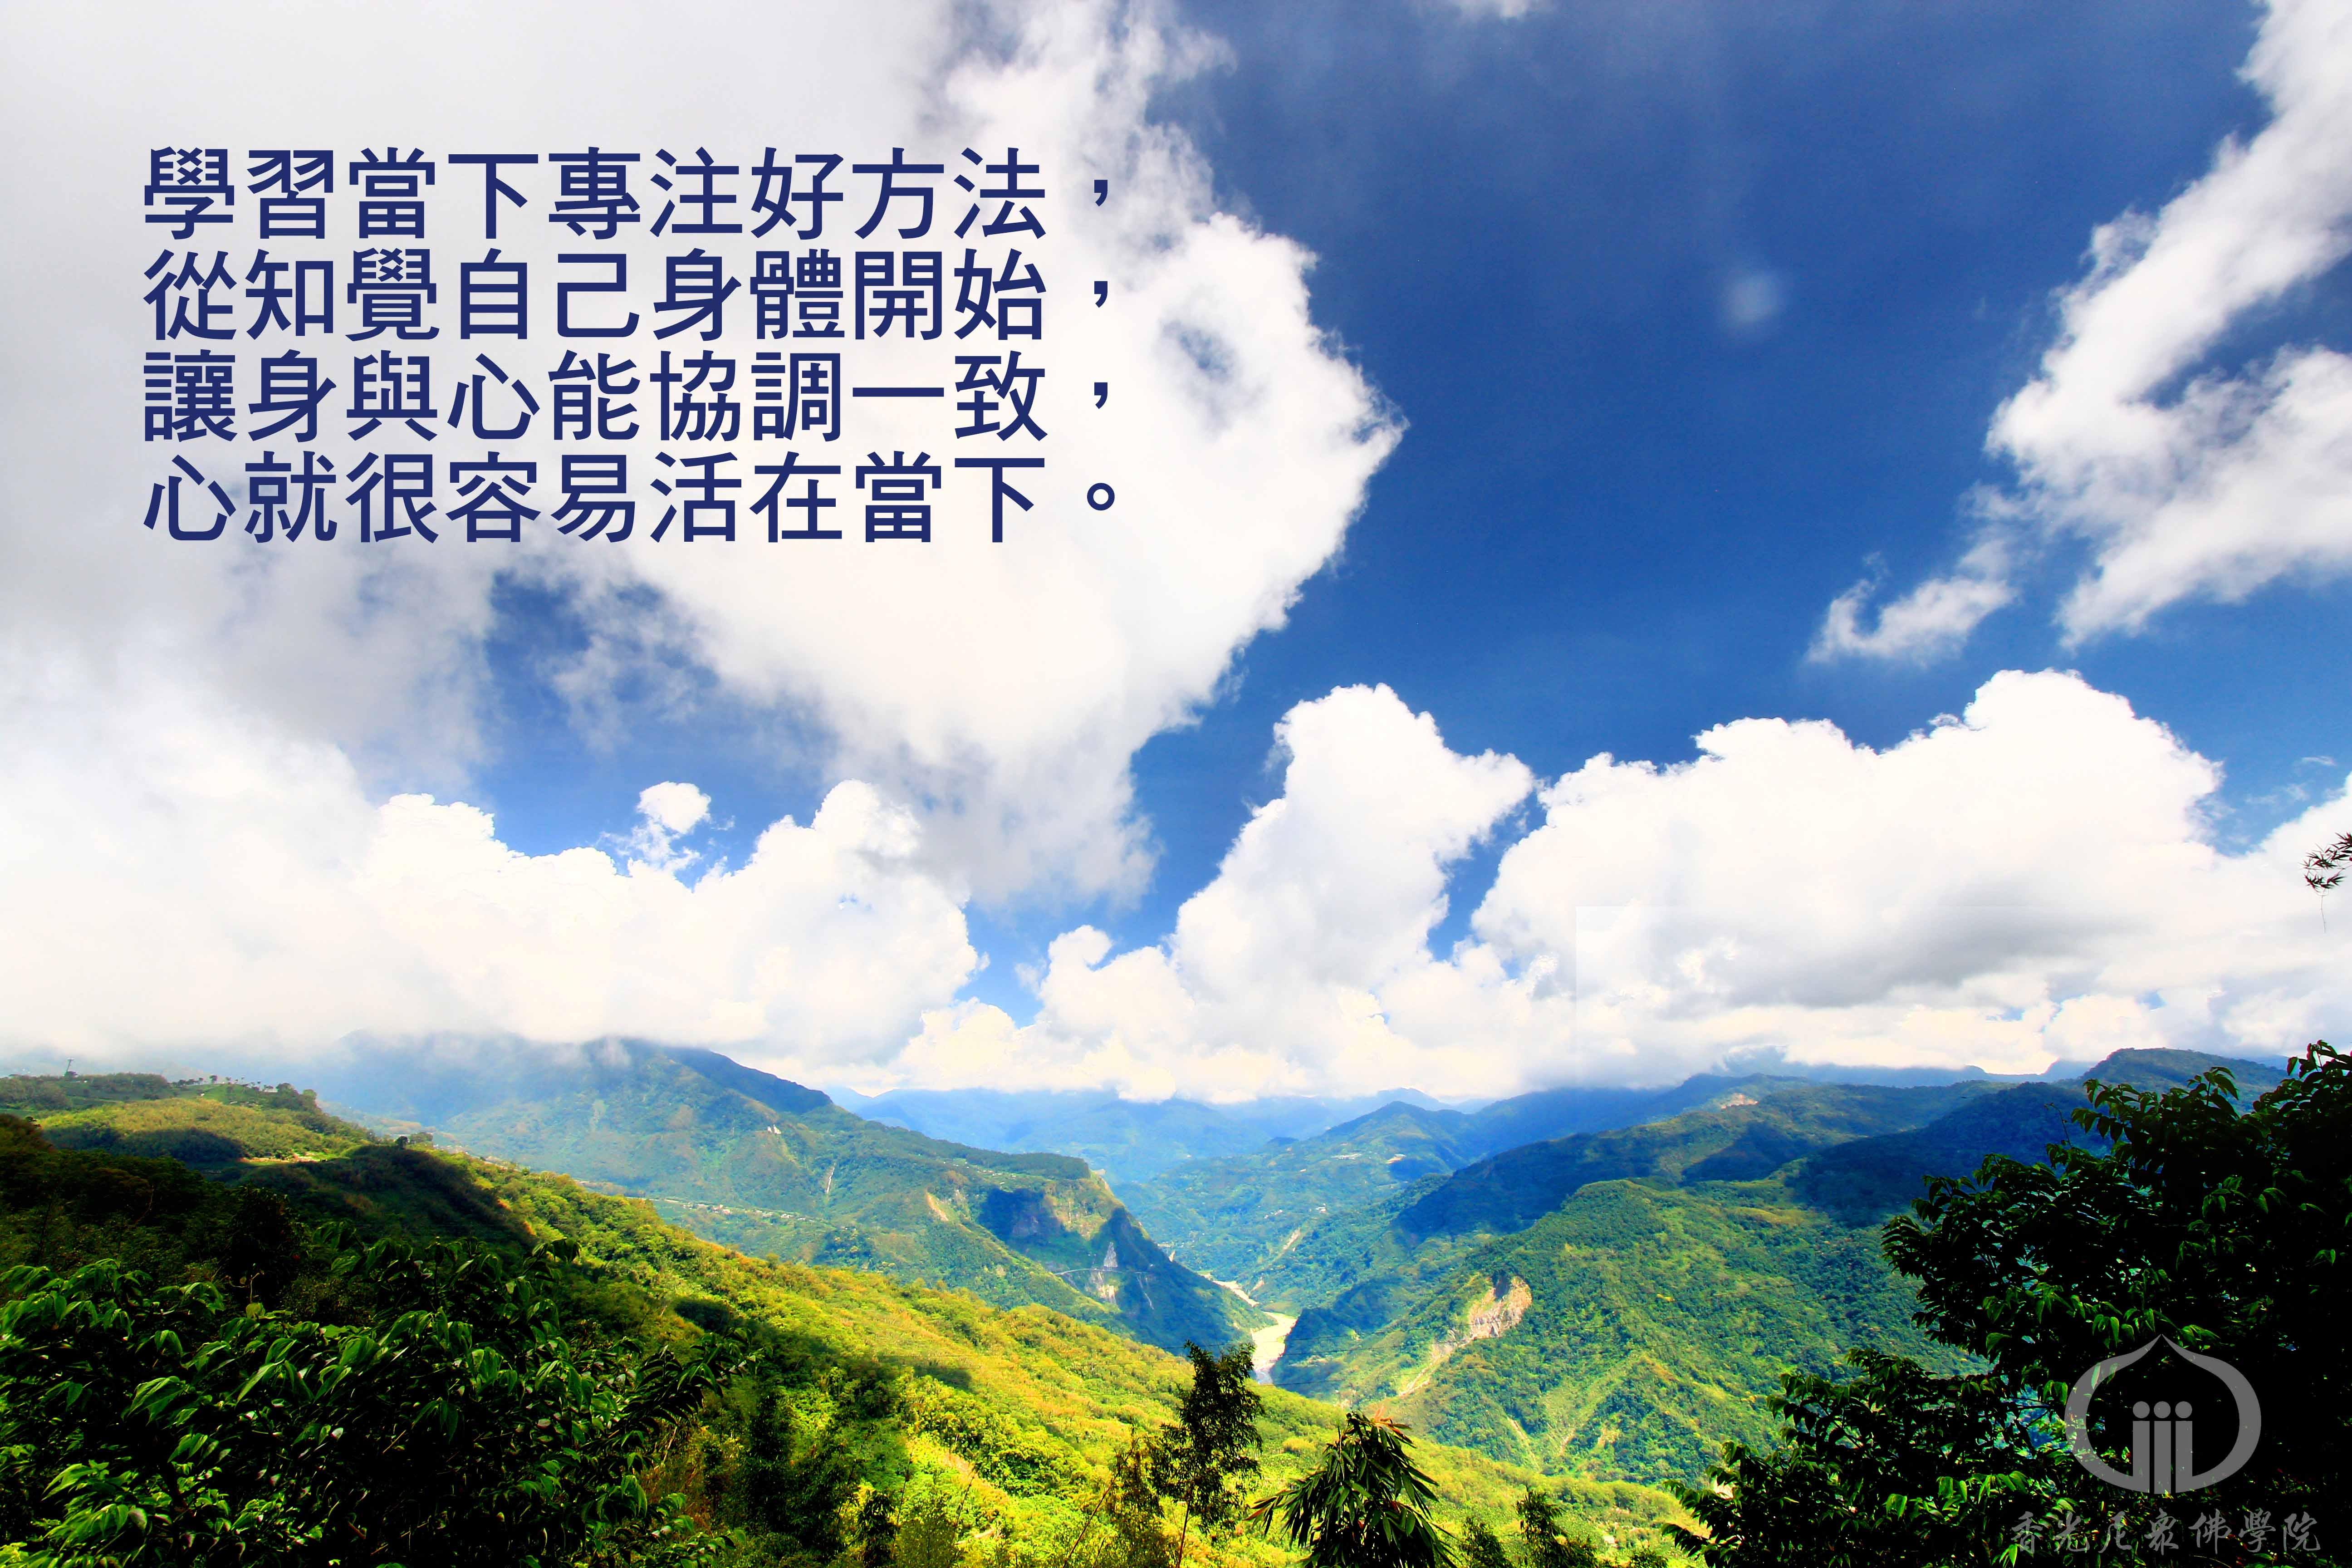 1060111_hua_9811_s